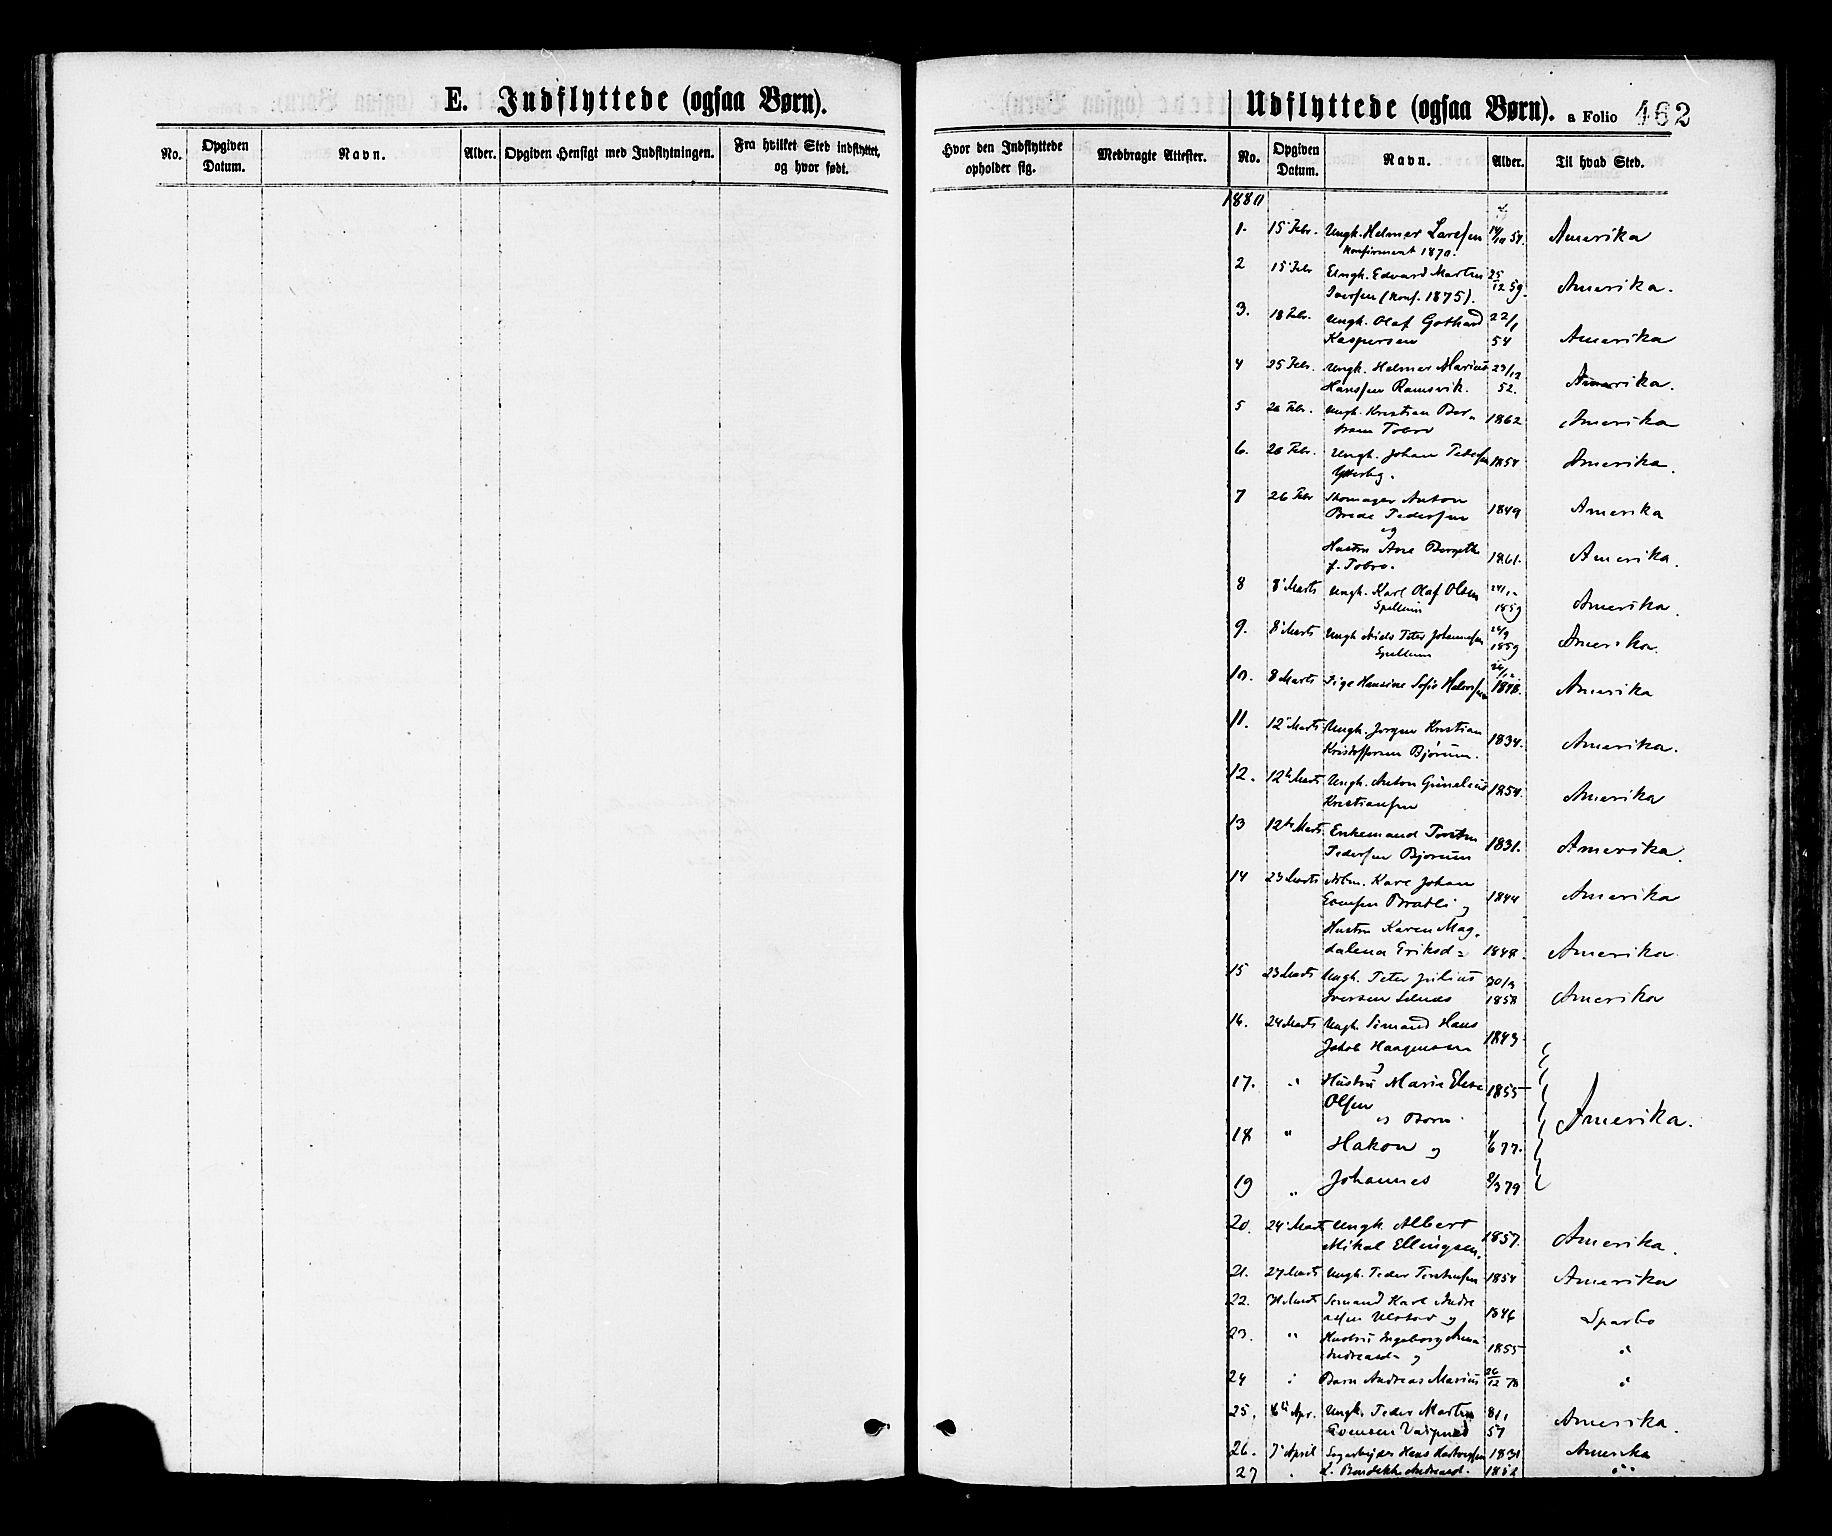 SAT, Ministerialprotokoller, klokkerbøker og fødselsregistre - Nord-Trøndelag, 768/L0572: Parish register (official) no. 768A07, 1874-1886, p. 462